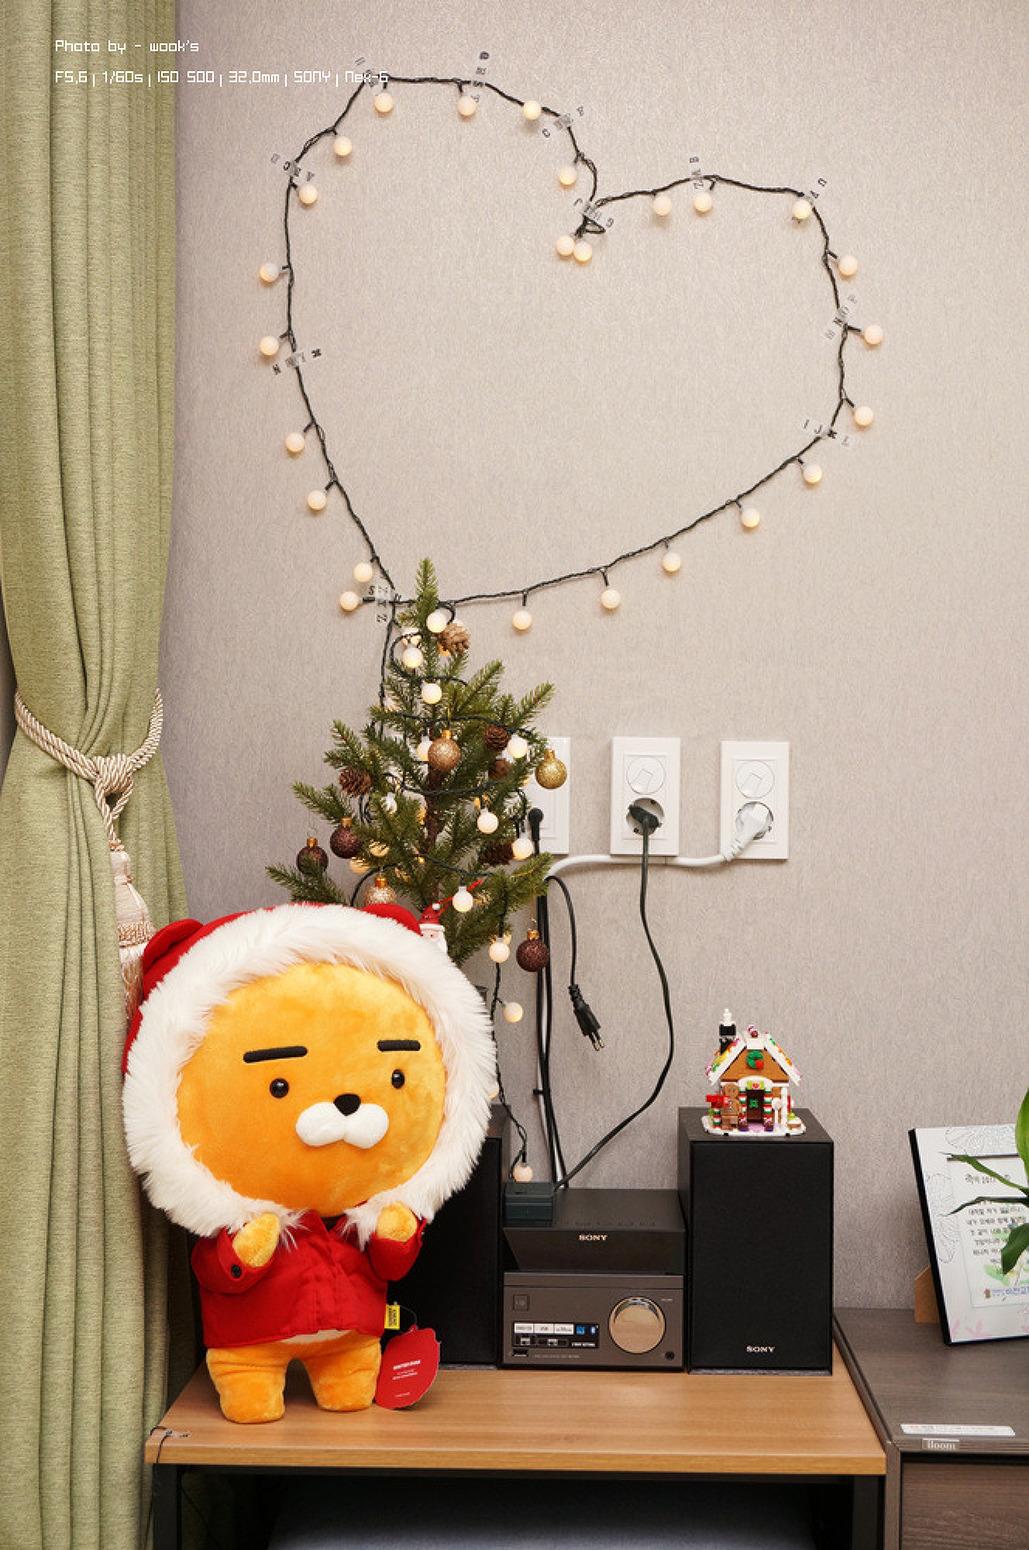 윈터 라이언과 크리스마스 ^^